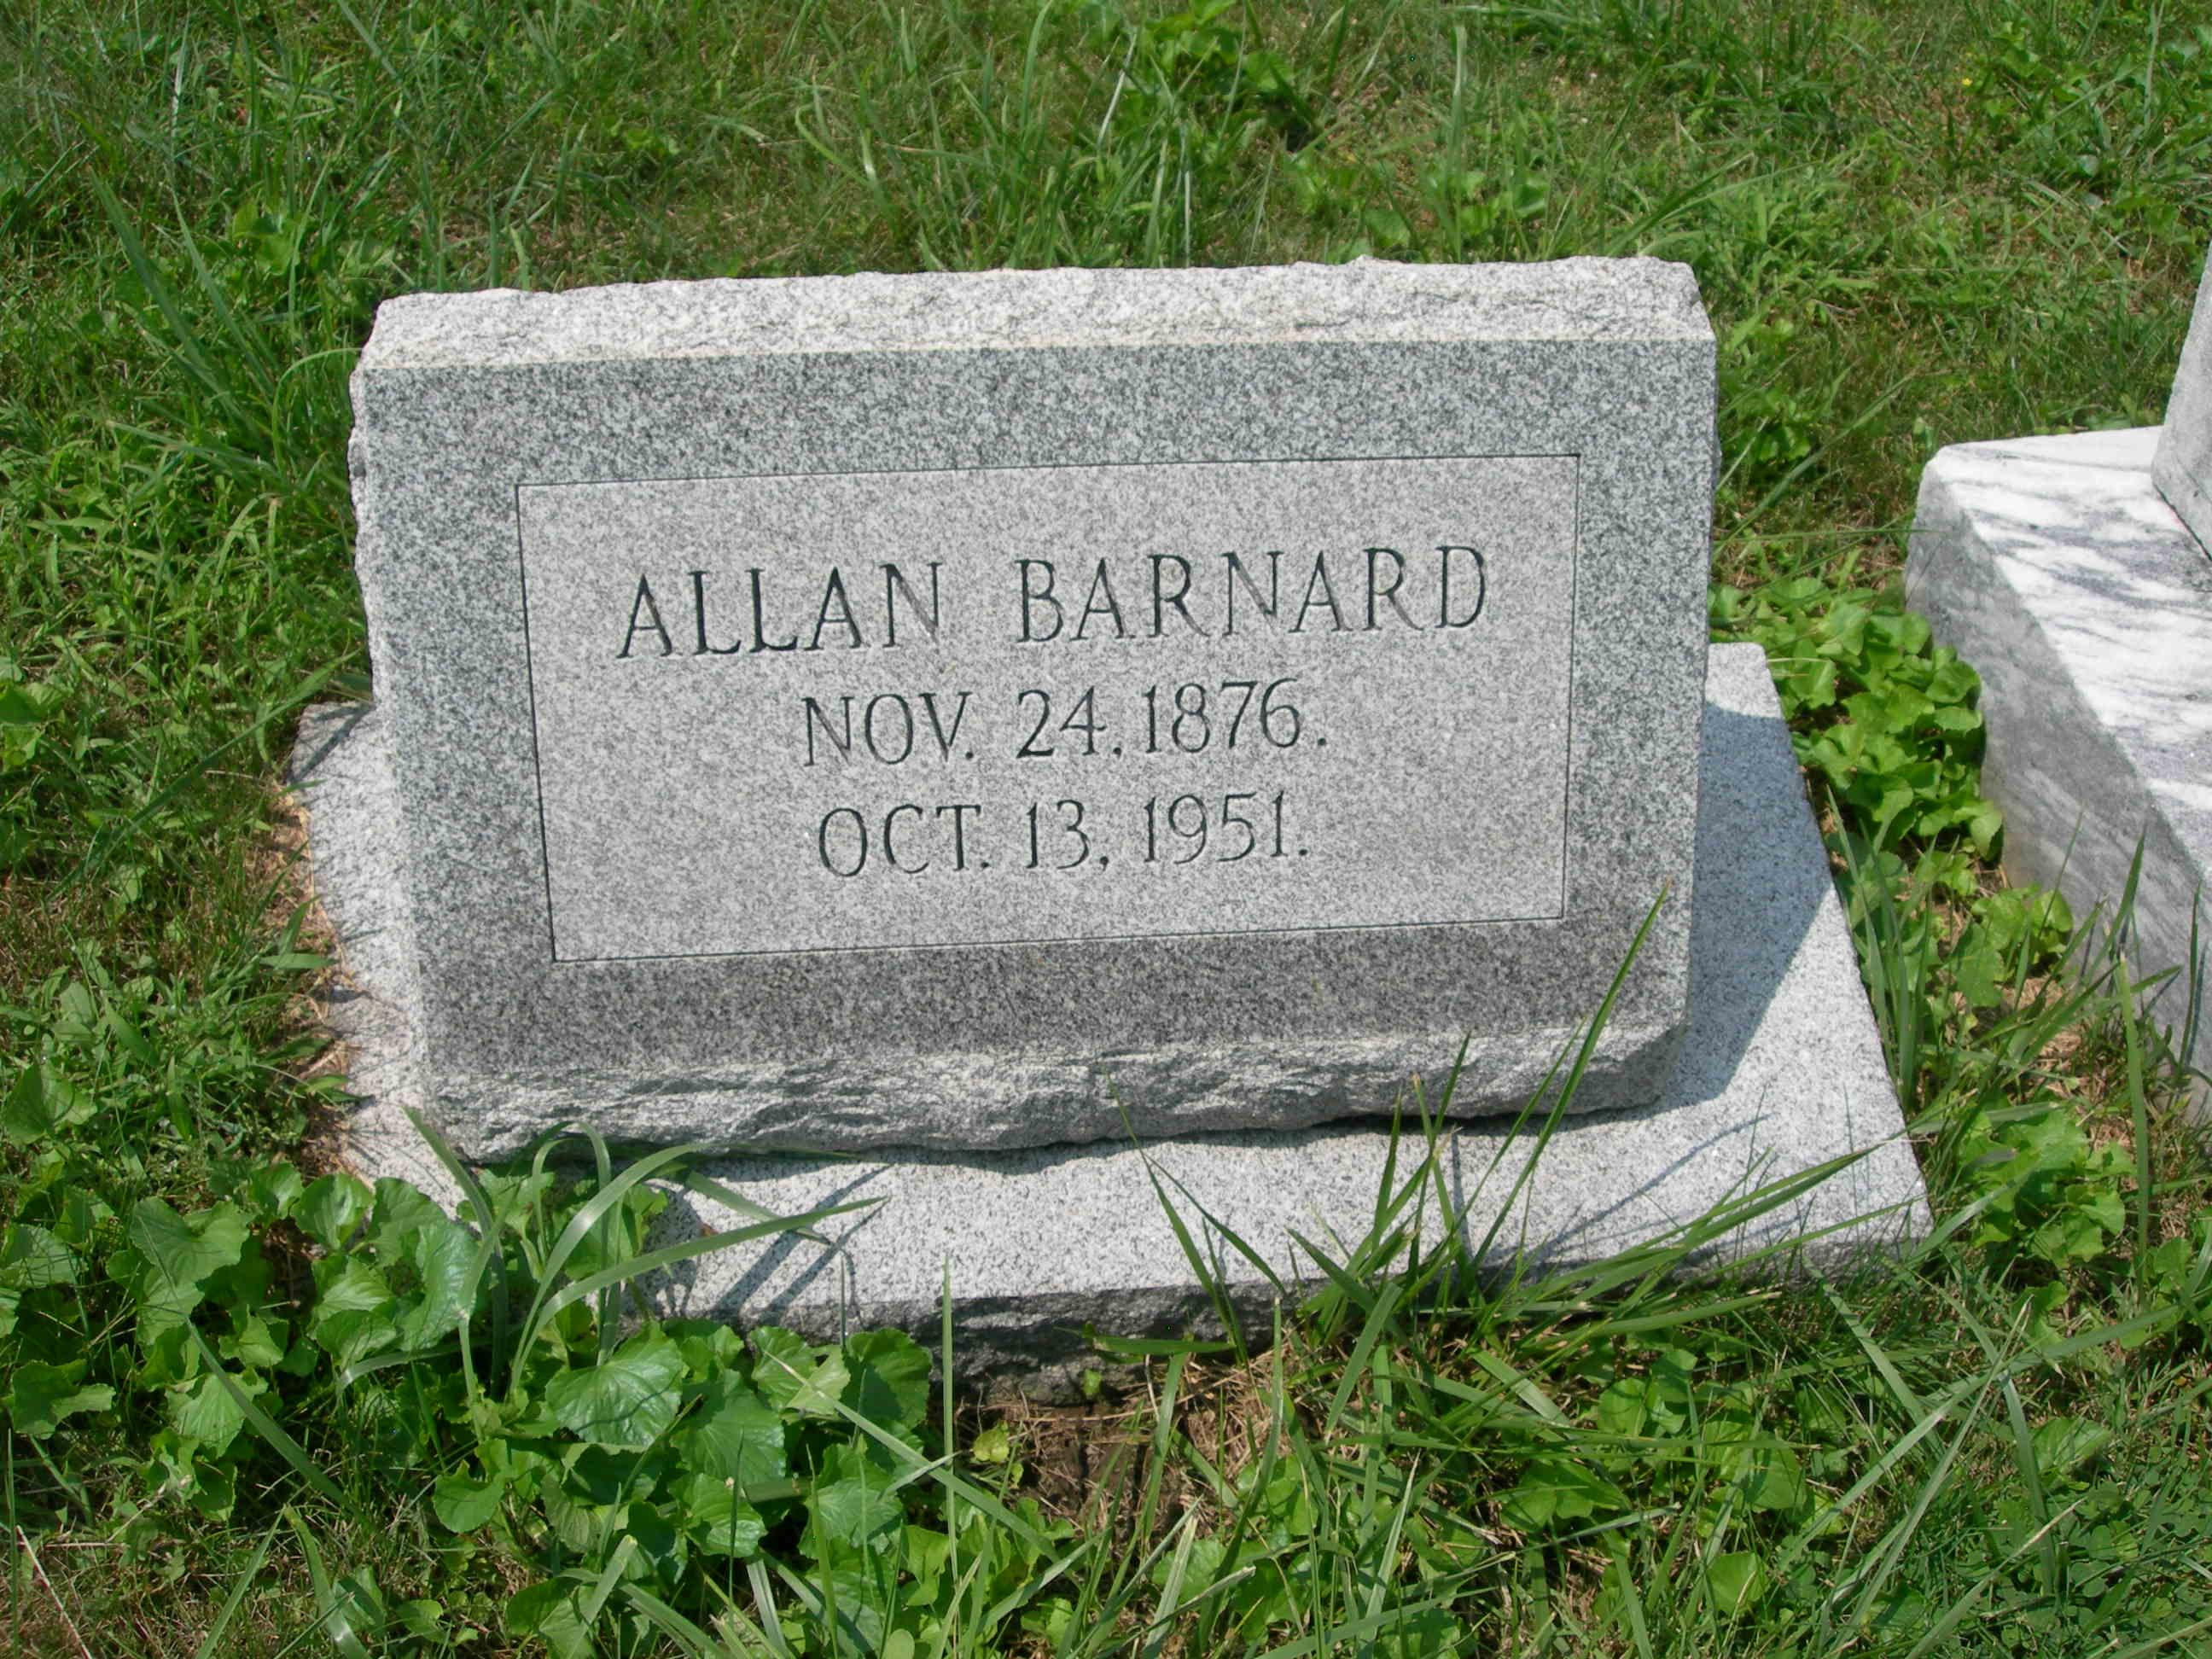 Allen Barnard